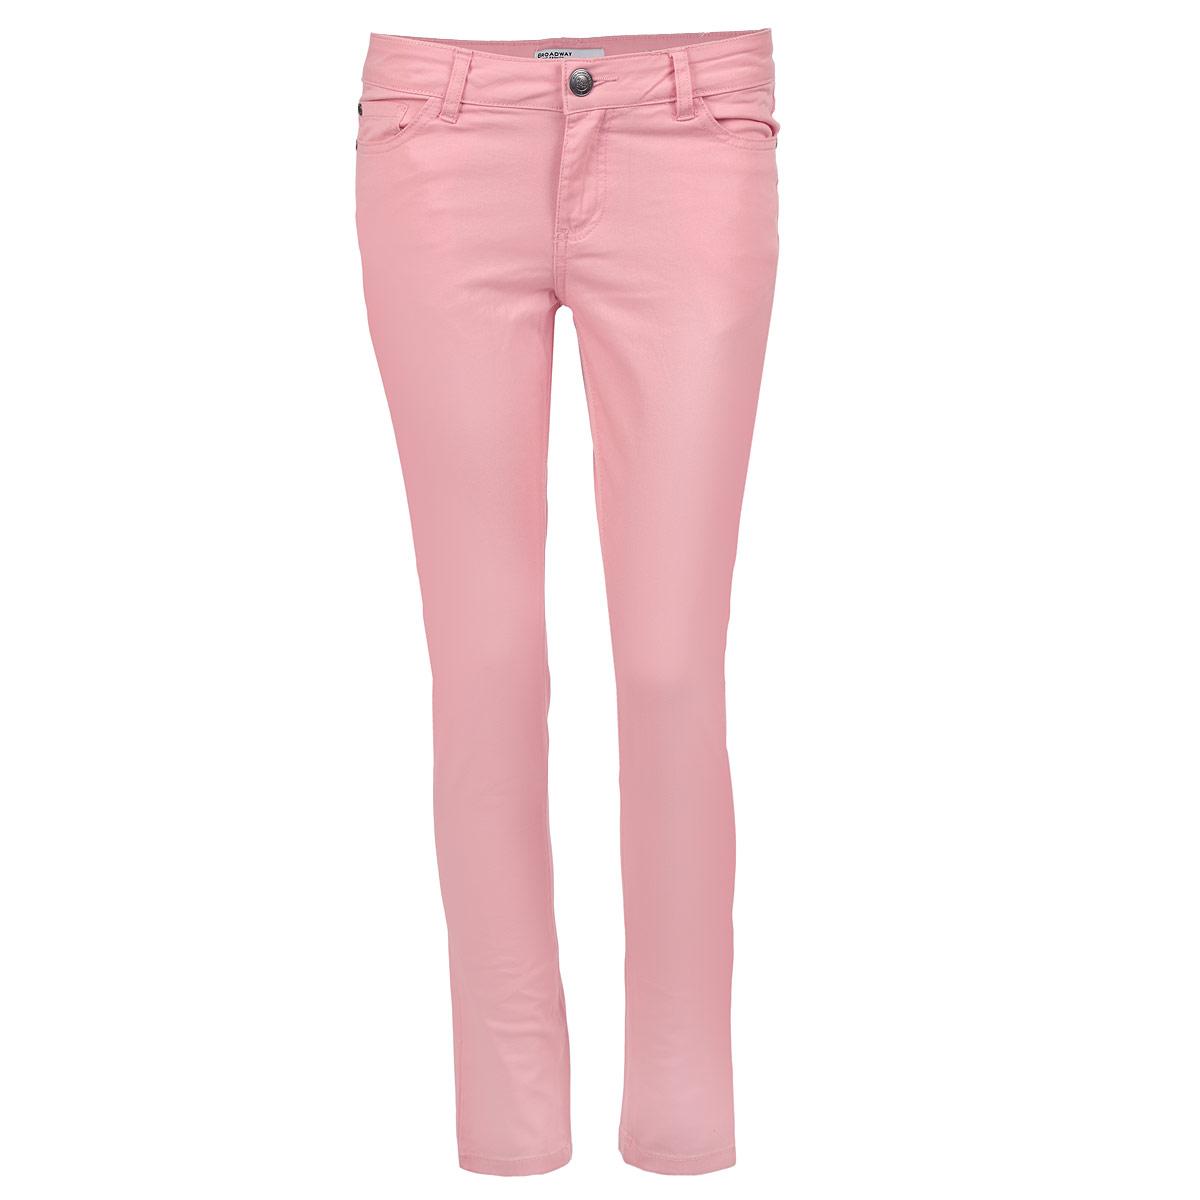 Брюки60100707 316-strawberry iceСтильные женские брюки Broadway - отличный выбор на каждый день. Они прекрасно сидят и подчеркнут все достоинства вашей фигуры. Модель прямого кроя слегка зауженного к низу и средней посадки изготовлена из хлопка с небольшим добавлением эластана. Застегиваются брюки на пуговицу в поясе и ширинку на застежке-молнии, предусмотрены шлевки для ремня. Спереди модель оформлена двумя втачными карманами и одним небольшим секретным кармашком, а сзади - двумя накладными карманами. Эти модные и в тоже время комфортные брюки послужат отличным дополнением к вашему гардеробу. В них вы всегда будете чувствовать себя уютно и комфортно.